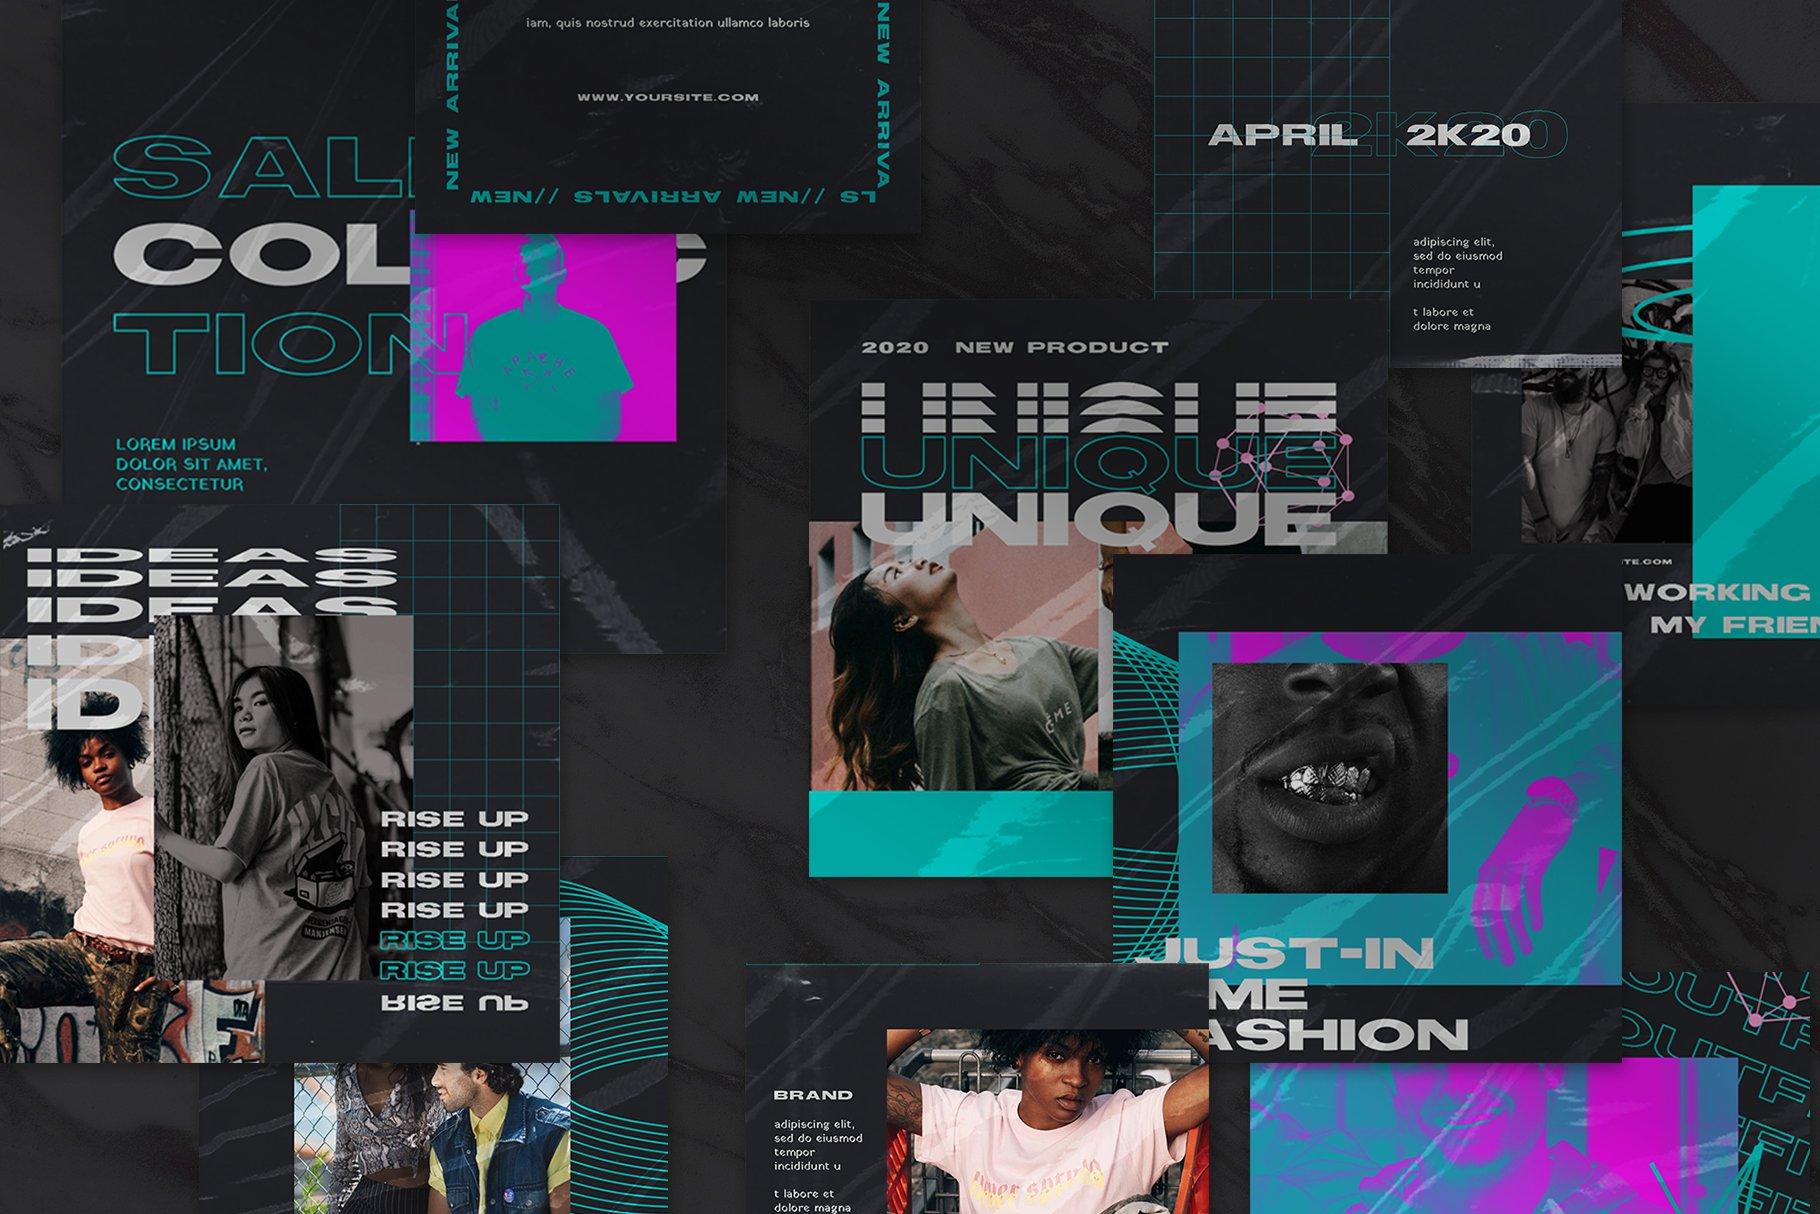 潮流品牌推广新媒体海报设计模板 Gumond Puzzle Instagram Feed插图(4)